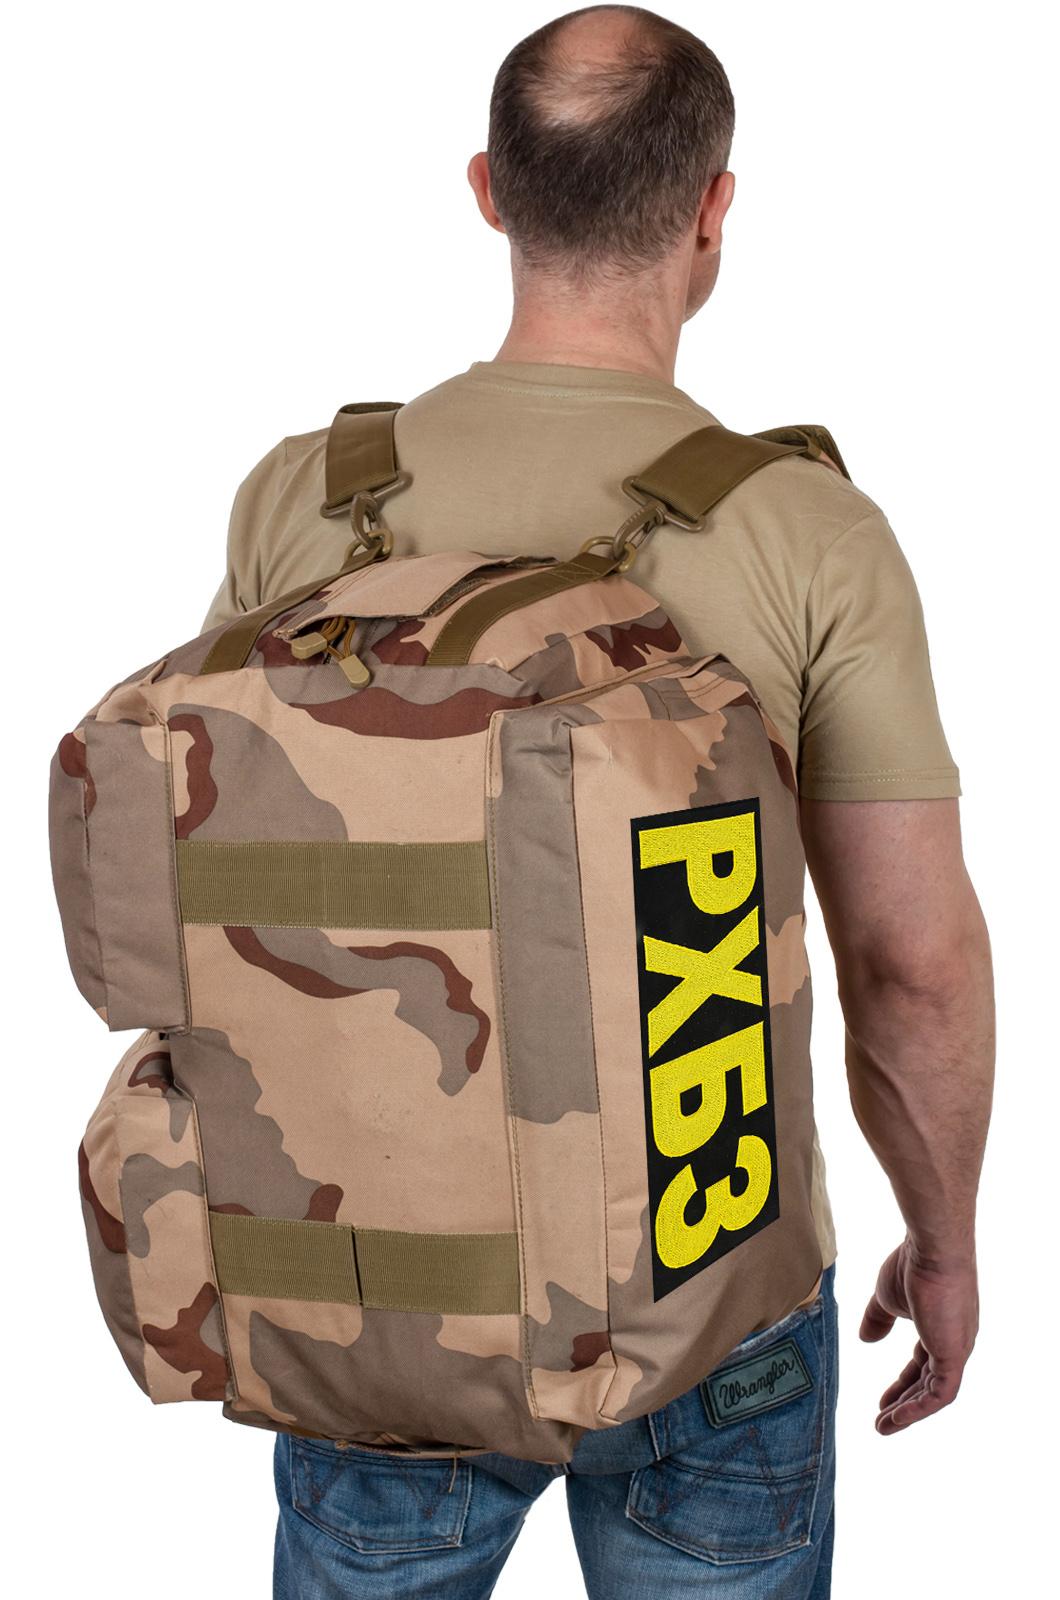 Купить камуфляжную дорожную сумку с нашивкой РХБЗ по экономичной цене